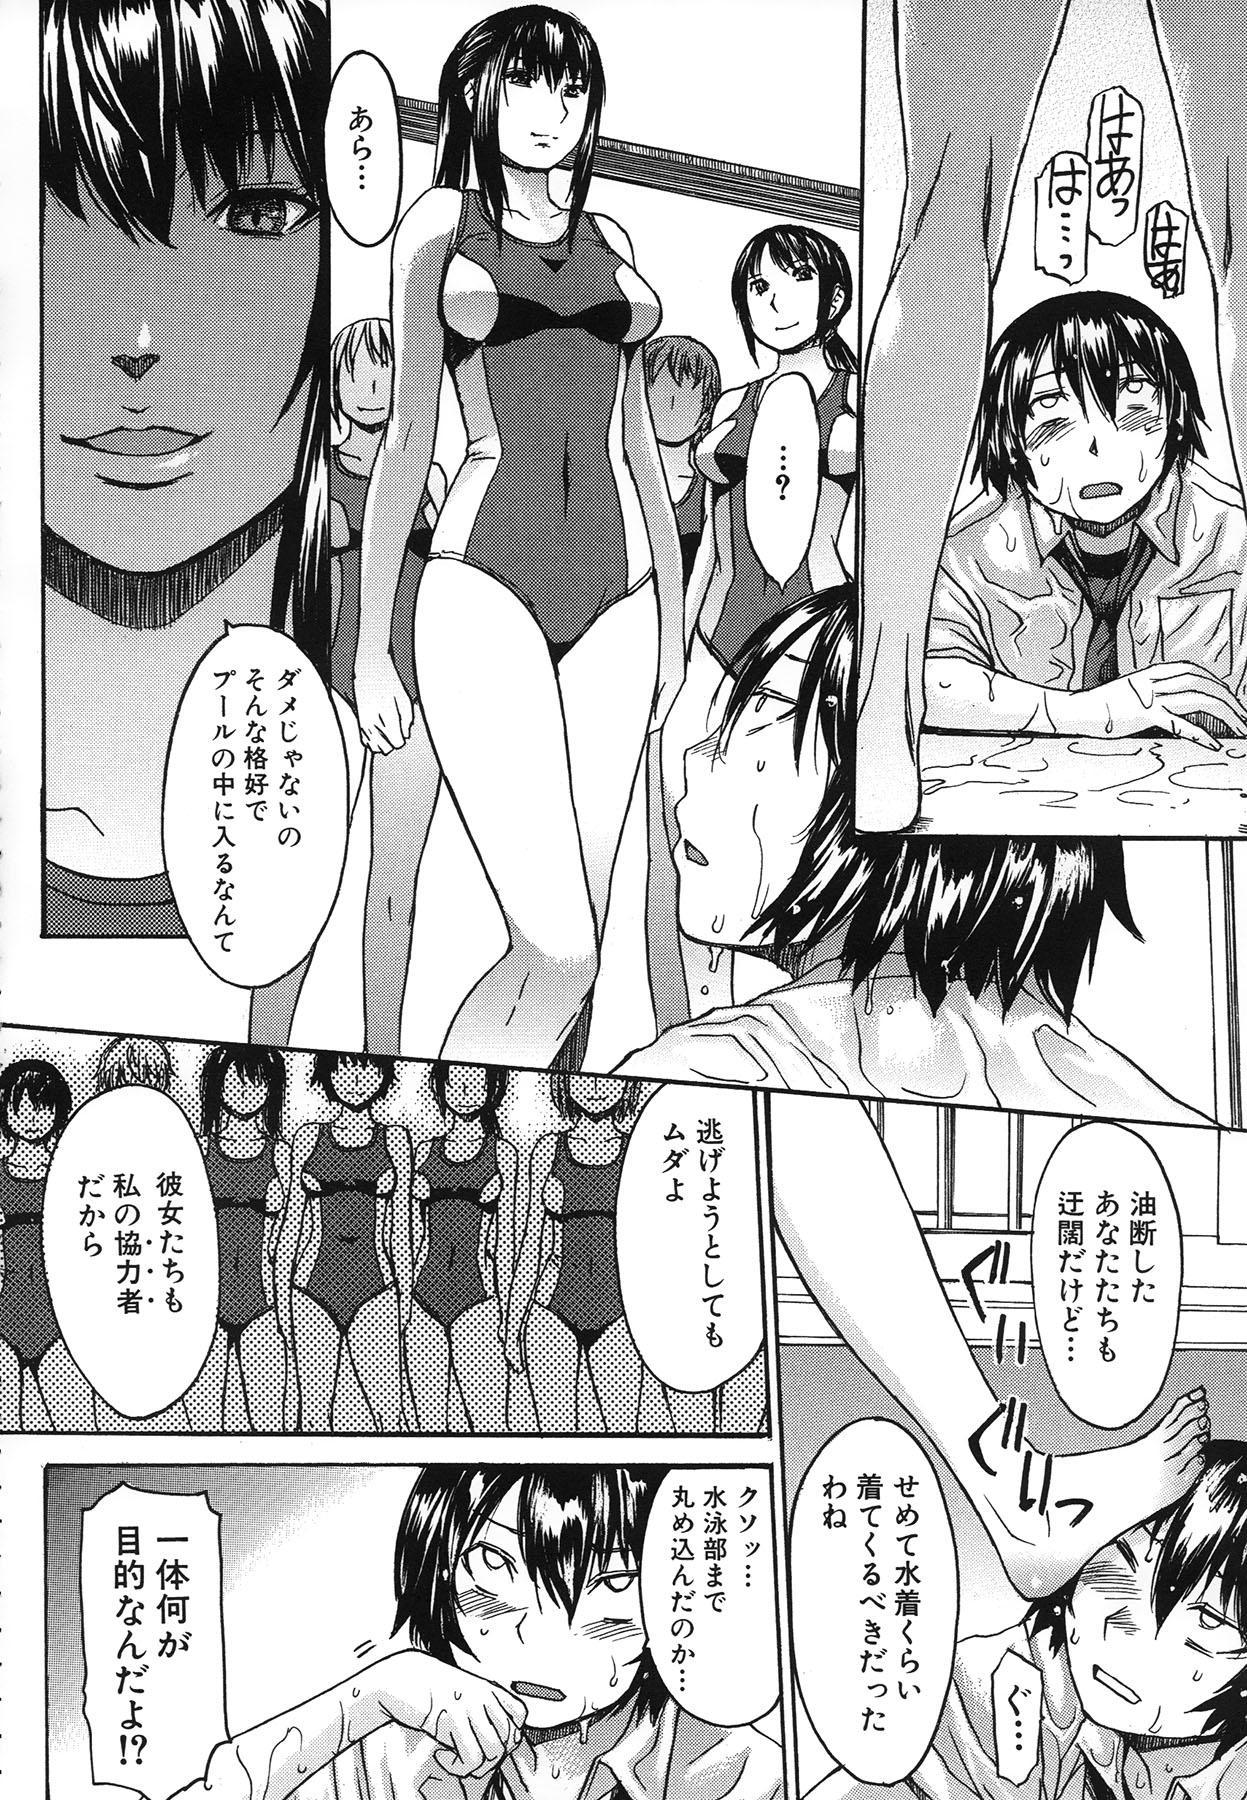 Ashigami 89